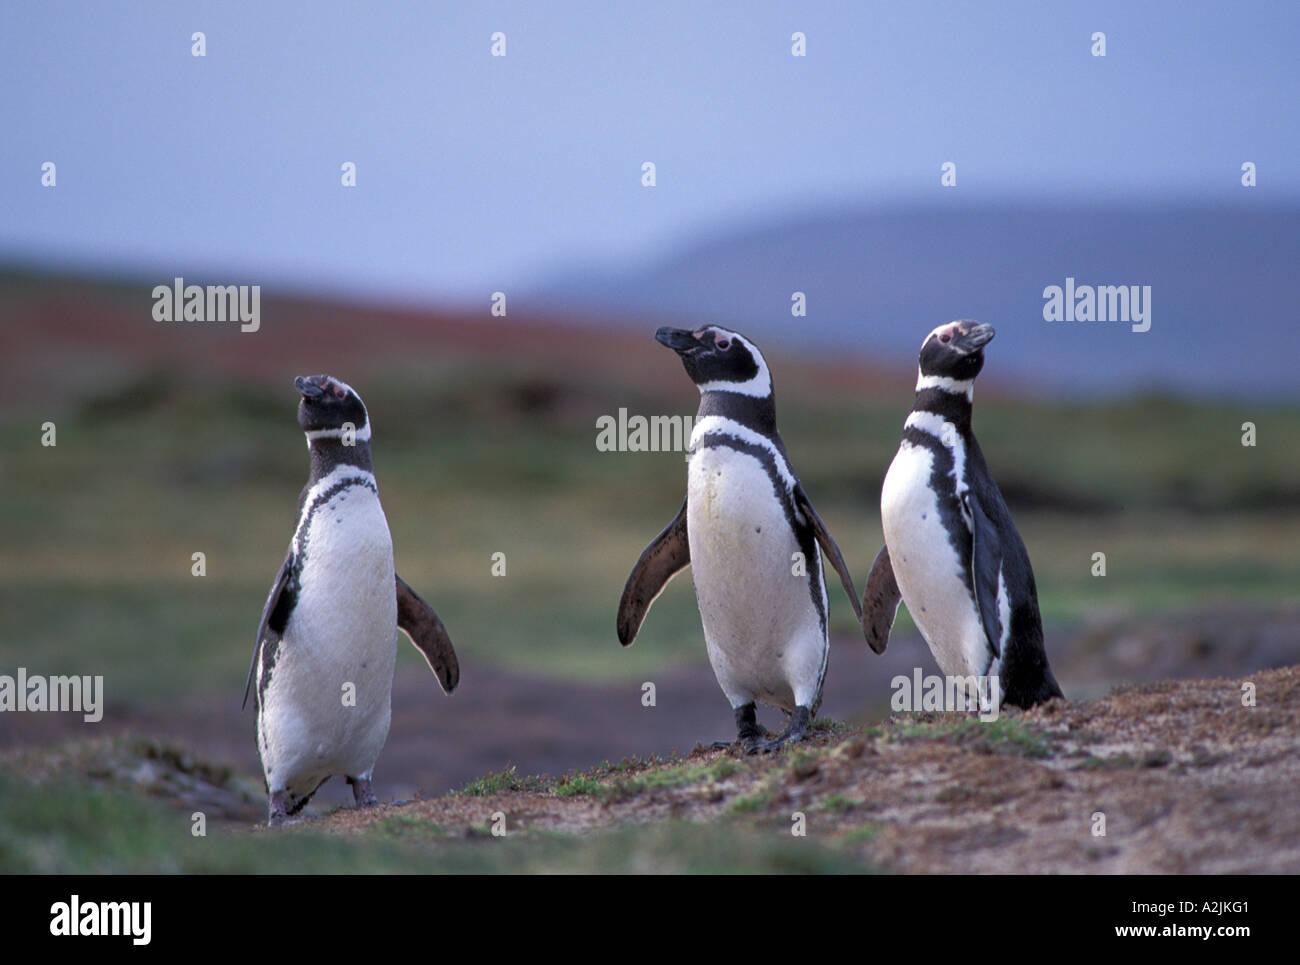 Antarctica, Sub-Antarctic Islands, South Georgia. Magellanic Penguins - Stock Image